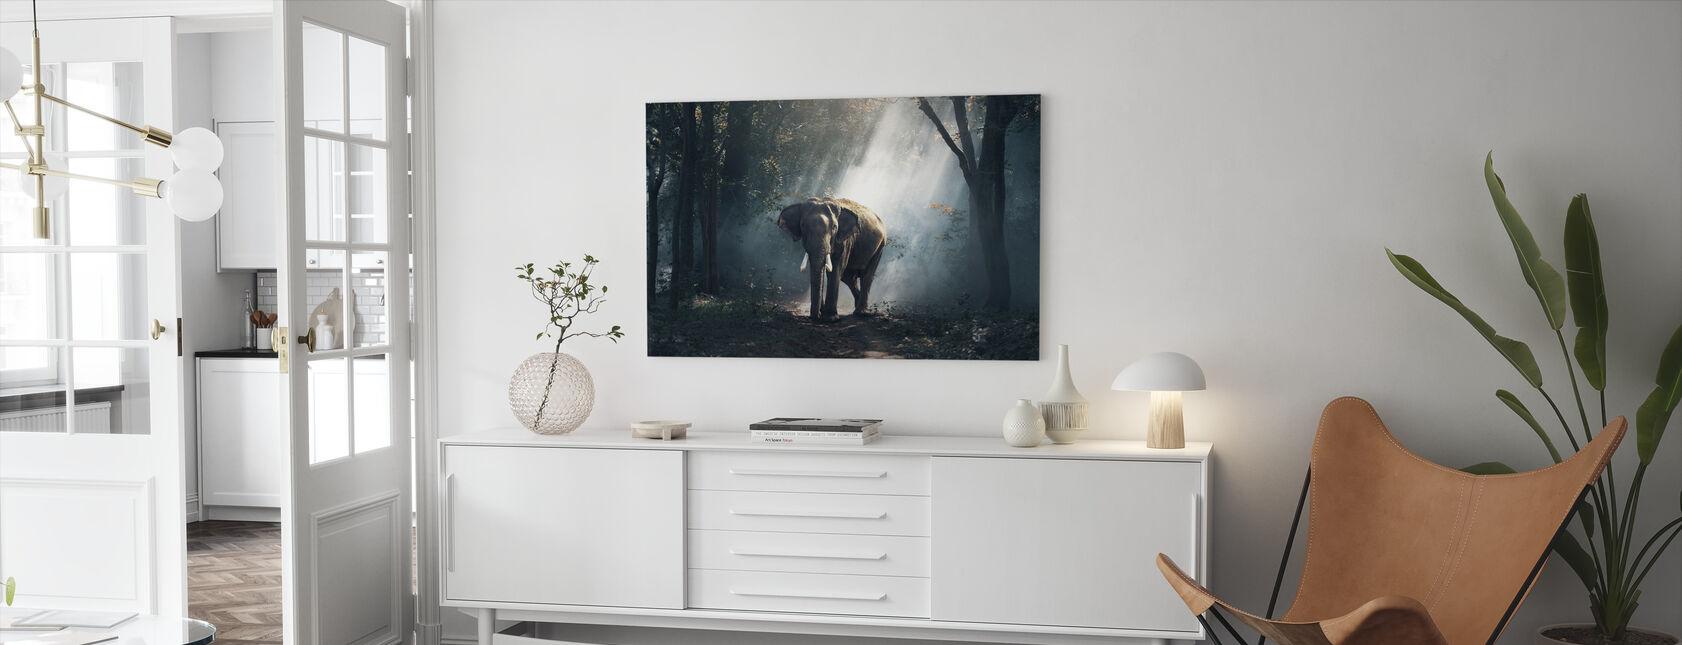 Elefant i skogen - Canvastavla - Vardagsrum